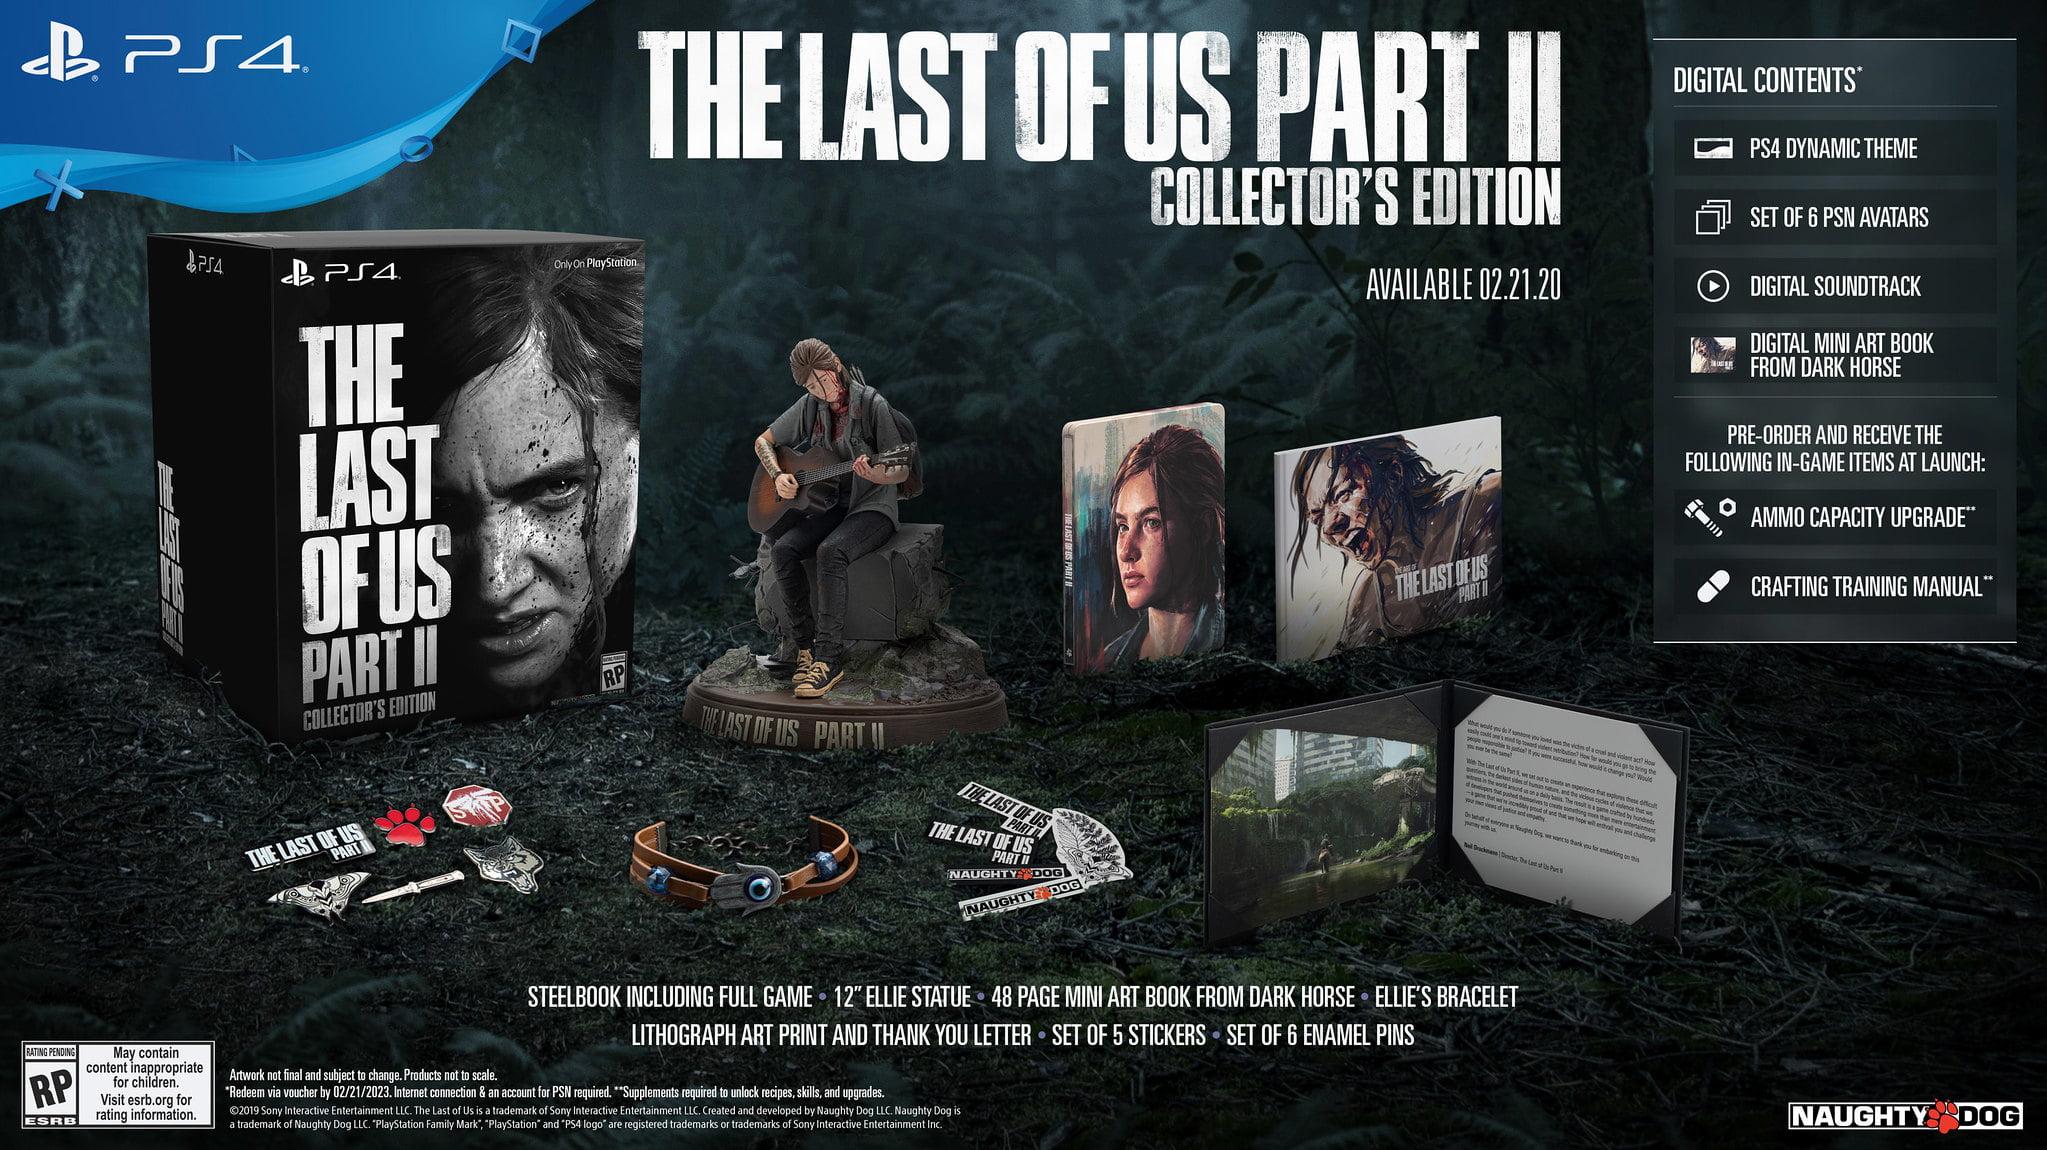 playstation-4-edicoes-de-colecionador-the-last-of-us-part-2-collector-s-edition-ps4-p-1569378760379